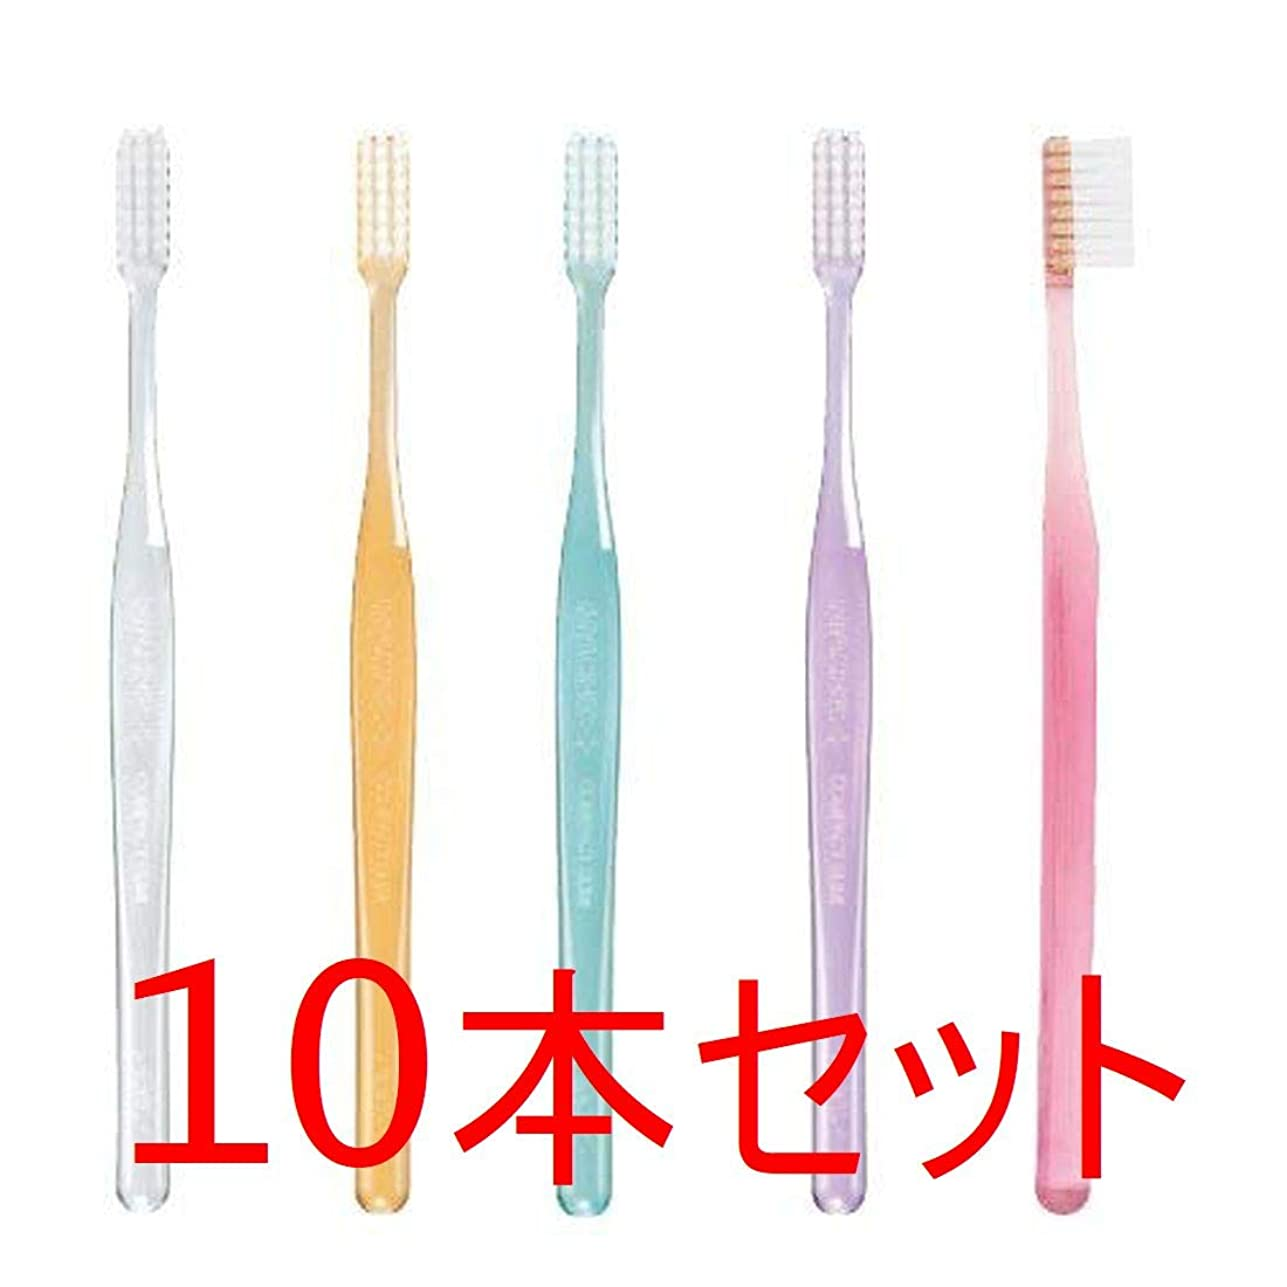 ハック特別な誰のGC プロスペック 歯ブラシ プラス コンパクトスリム 10本 クリアー色 (M(ふつう), おまかせ)